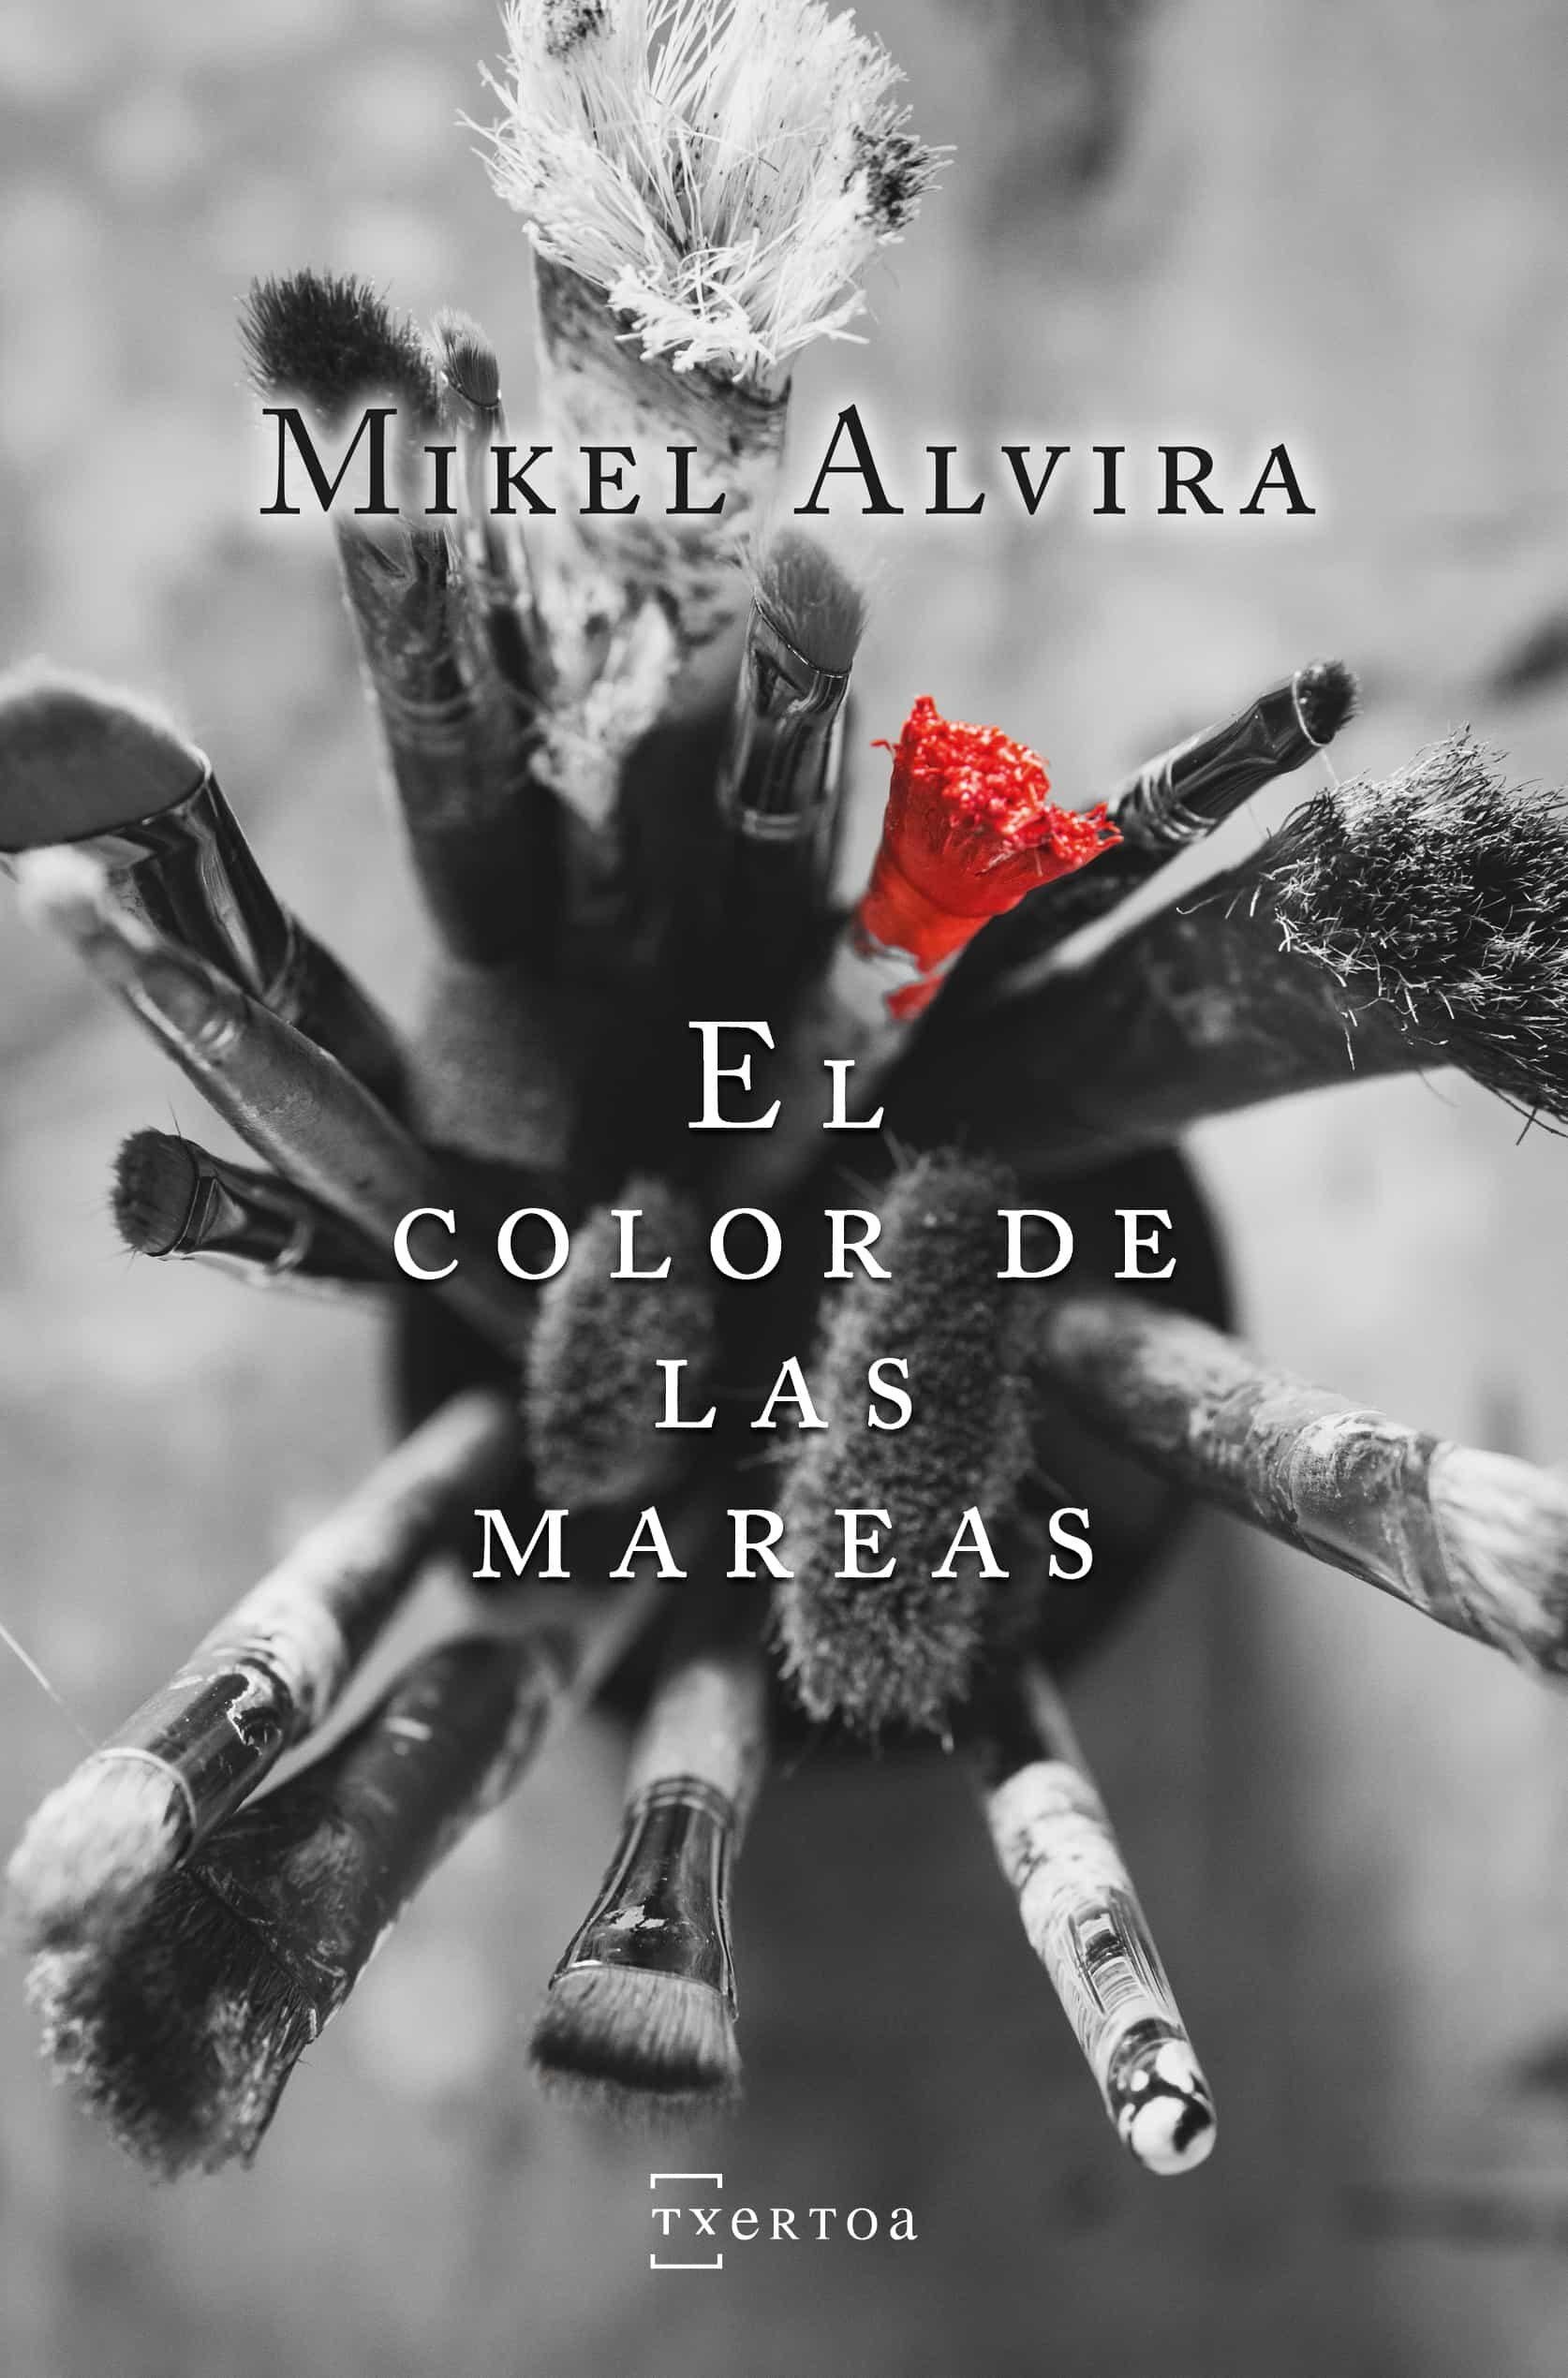 el color de las mareas-mikel alvira palacios-9788471485922